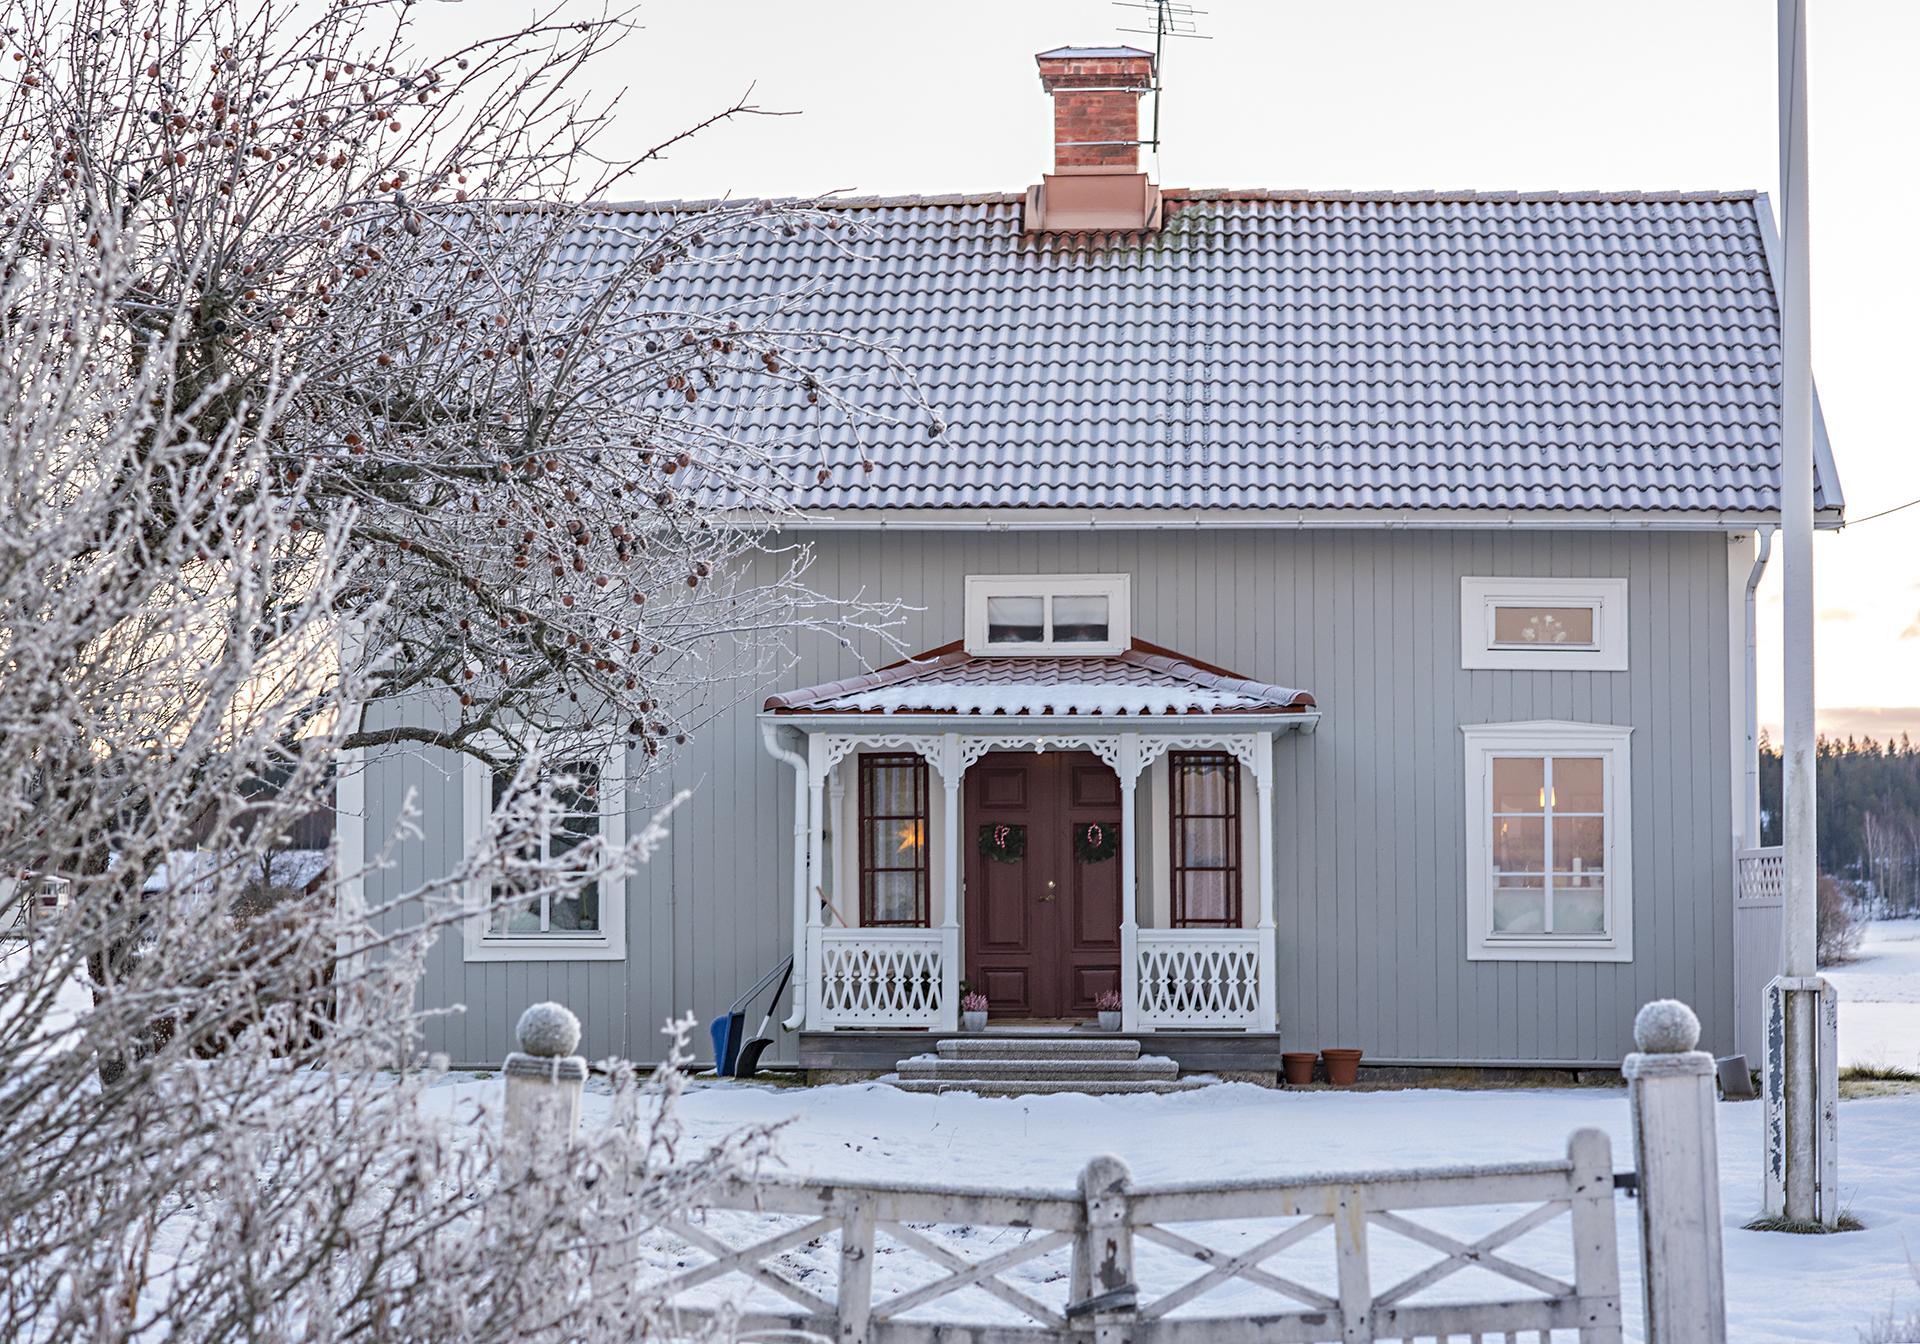 snötäckt hus